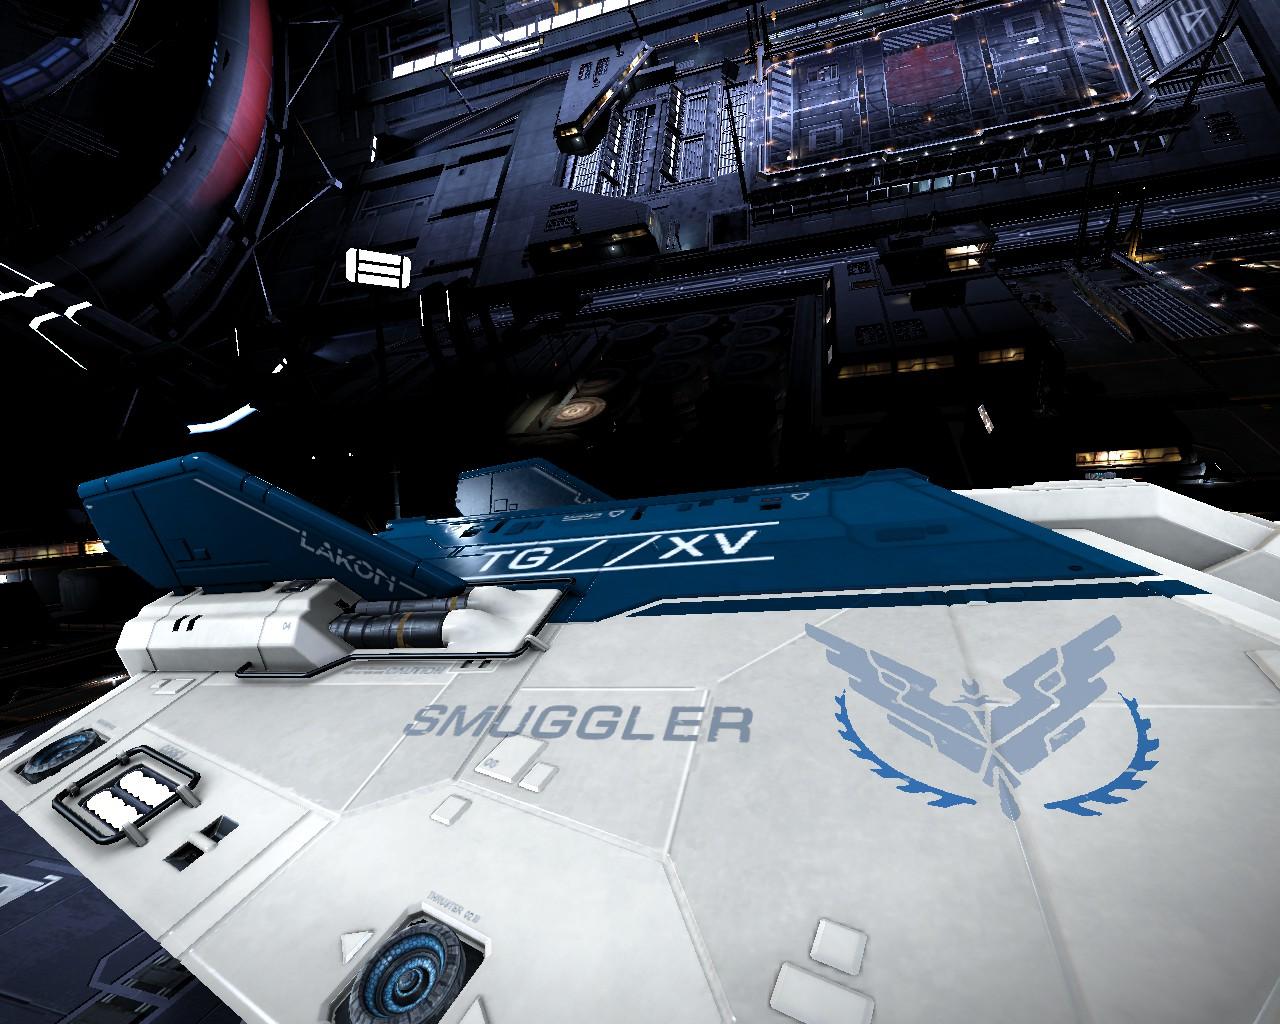 Le vaisseau dédié contrebande